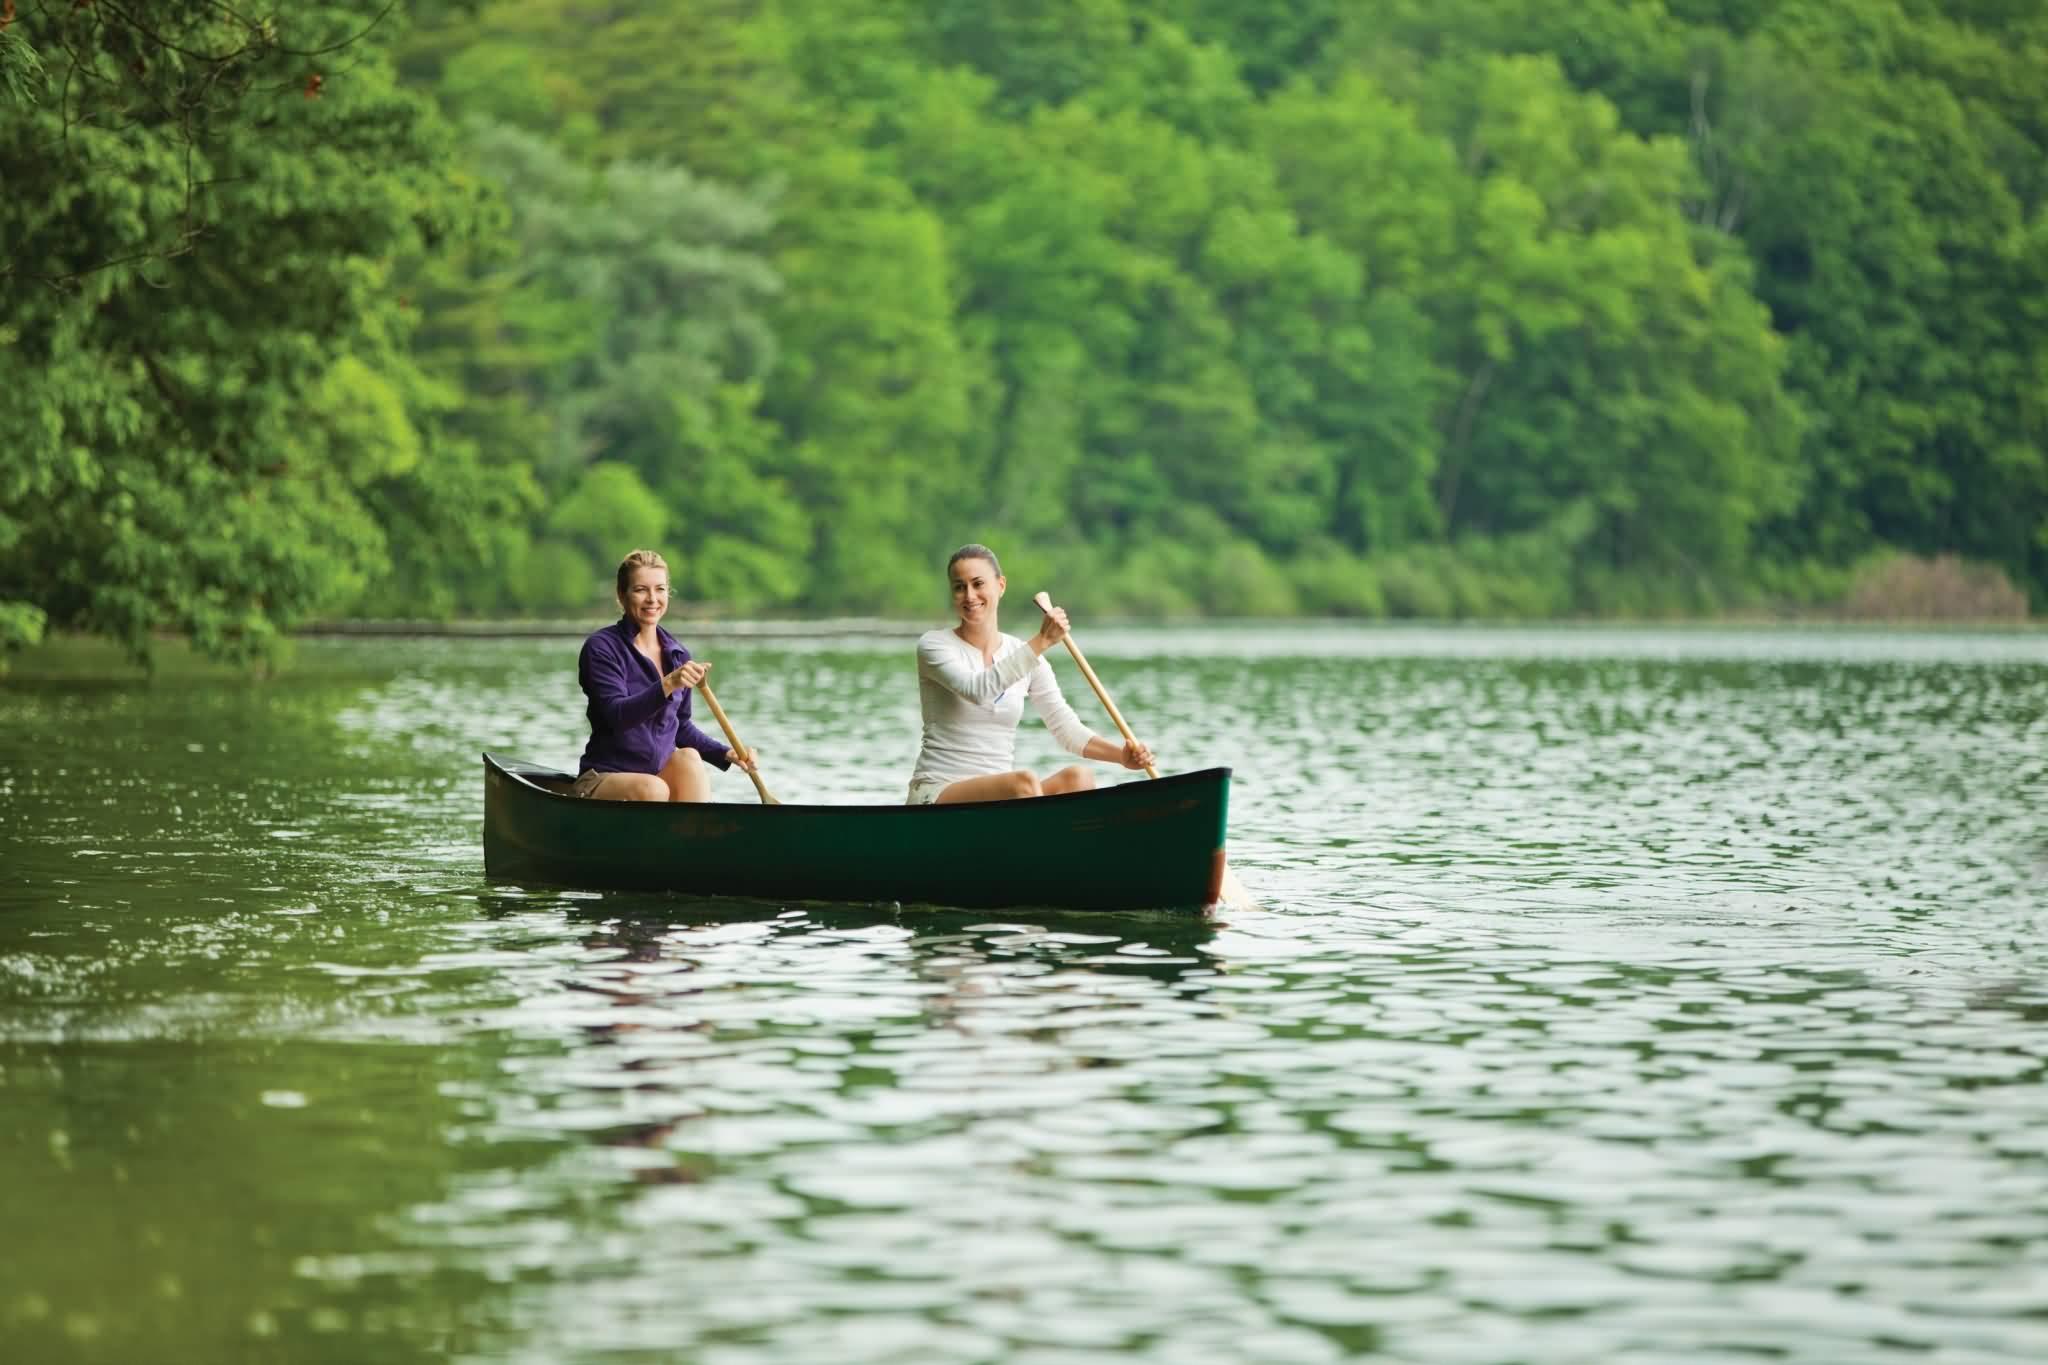 Canyon-Ranch-Lenox-Canoeing-300dpi